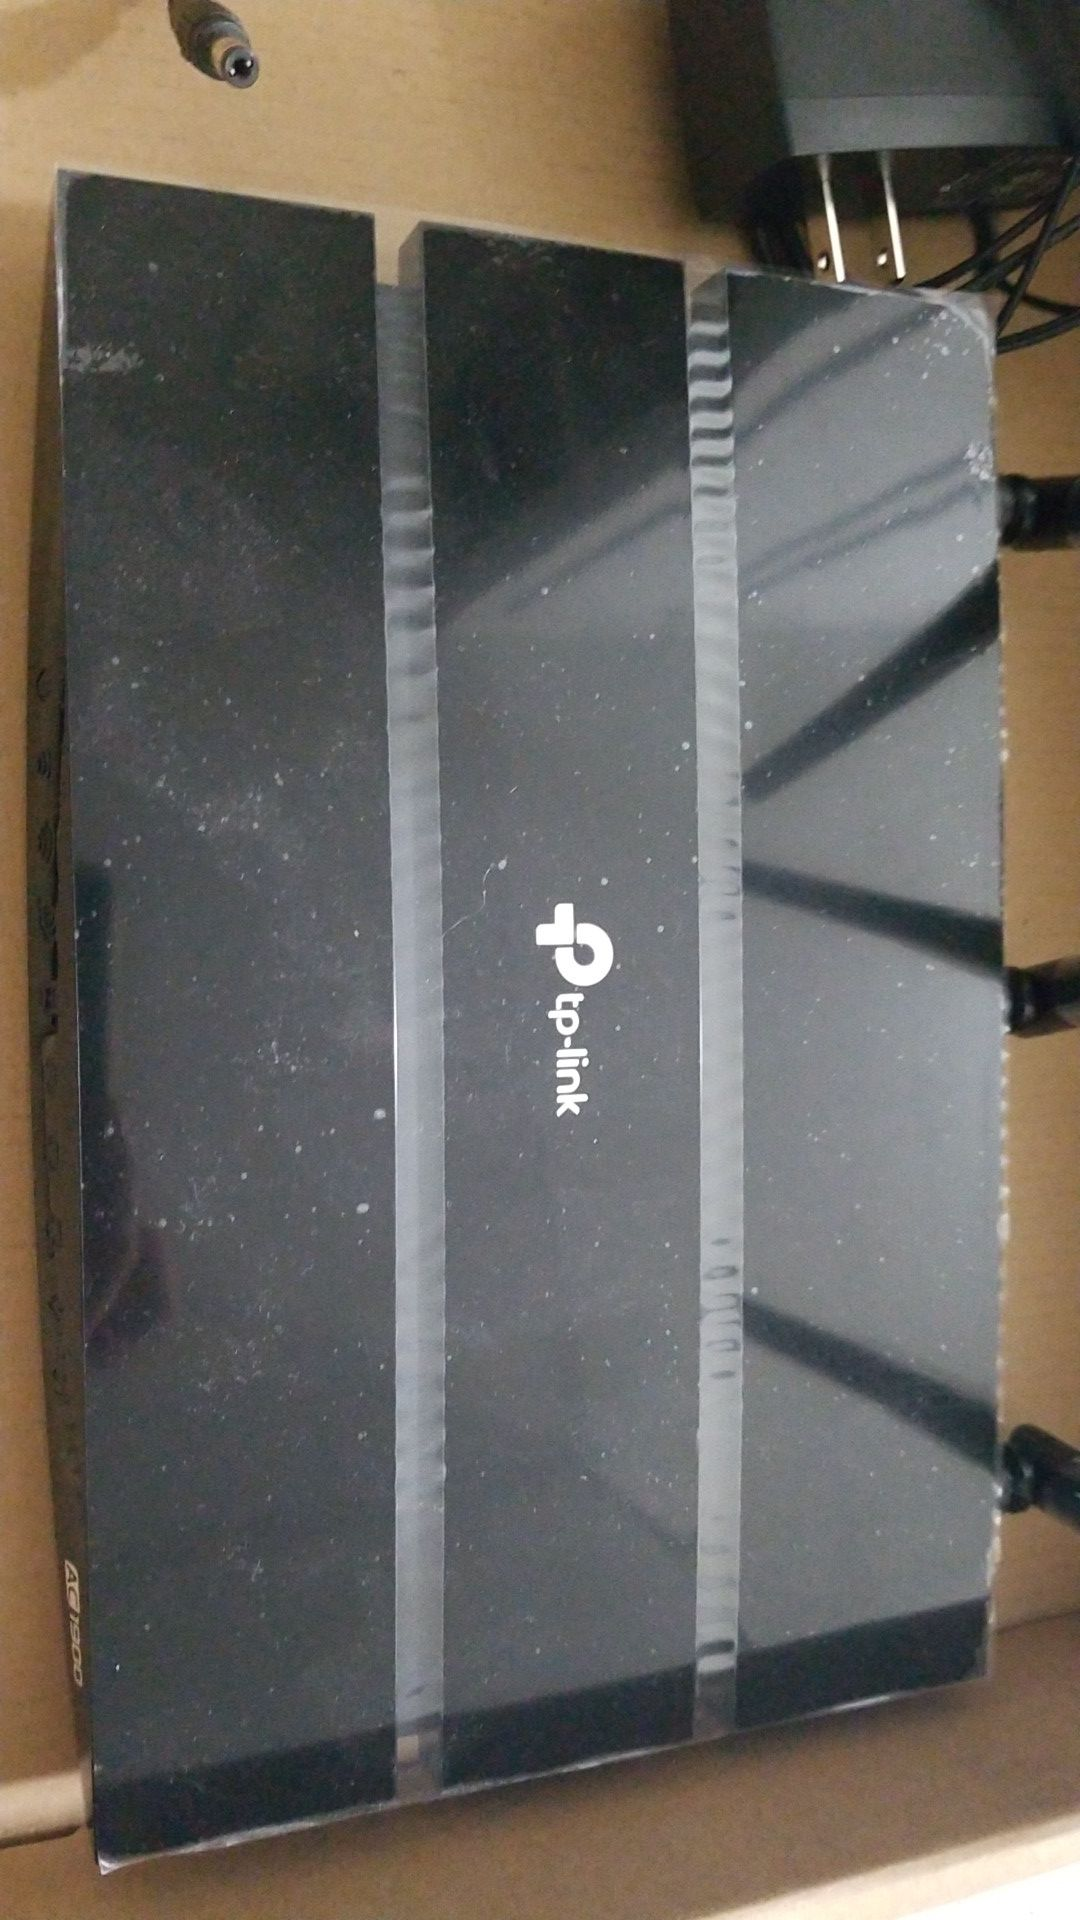 Tplink AC1900 router